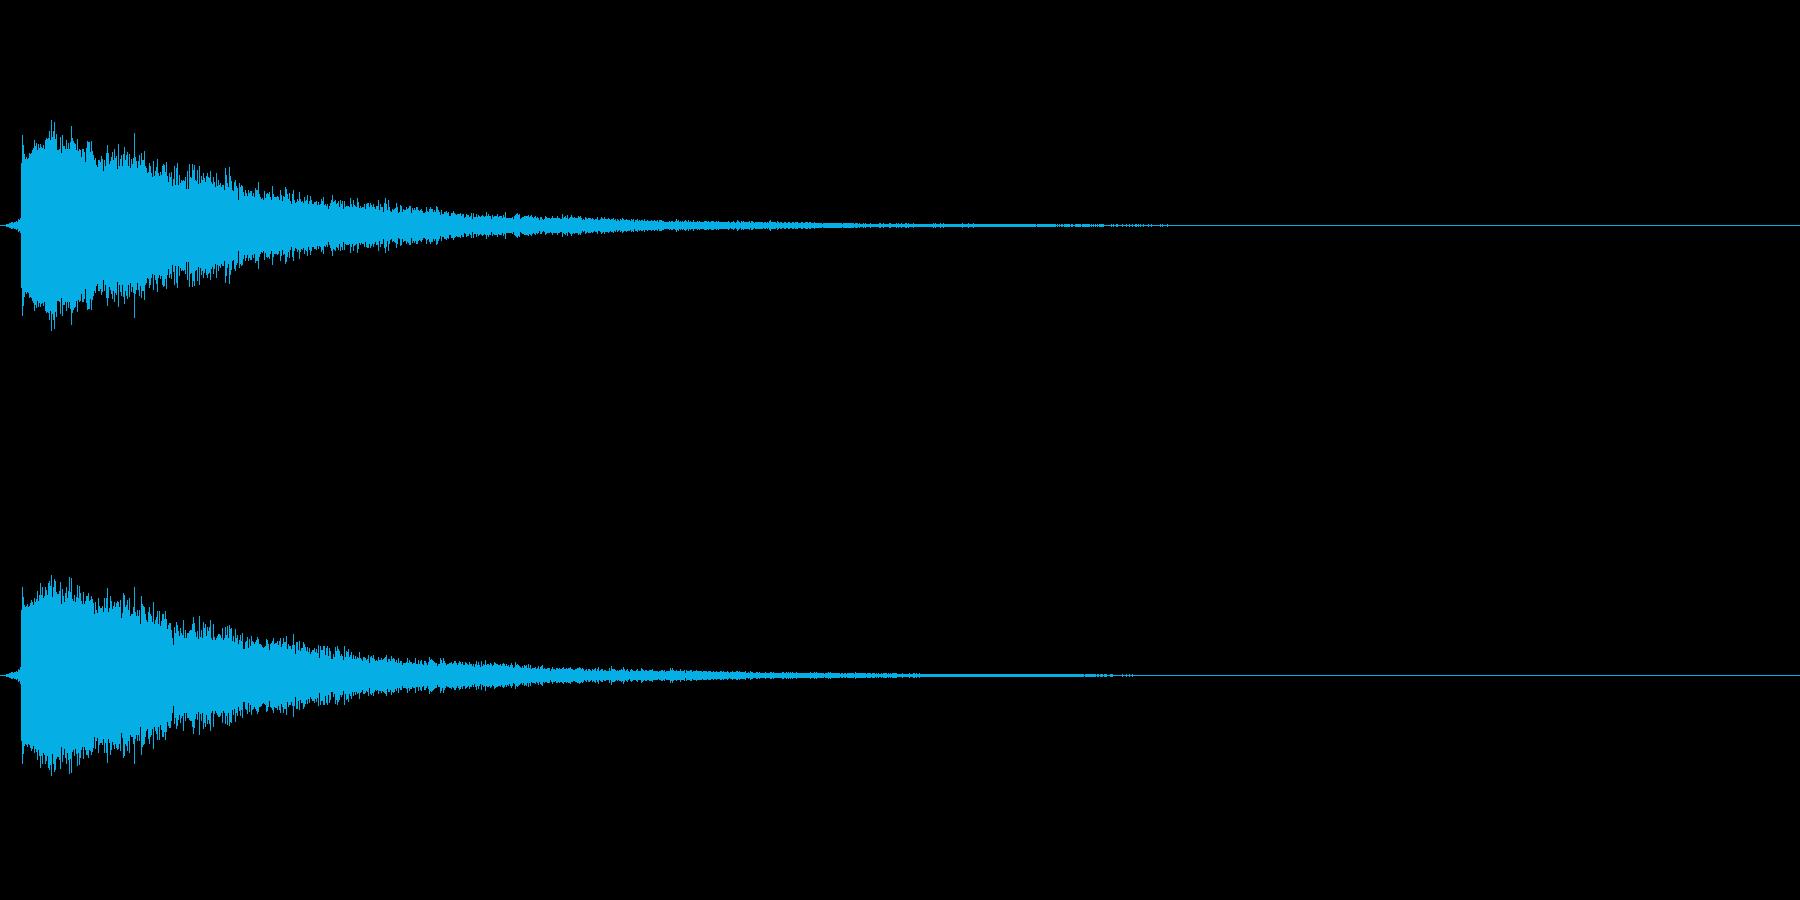 ピチュン(やられた音、ロスト音)の再生済みの波形